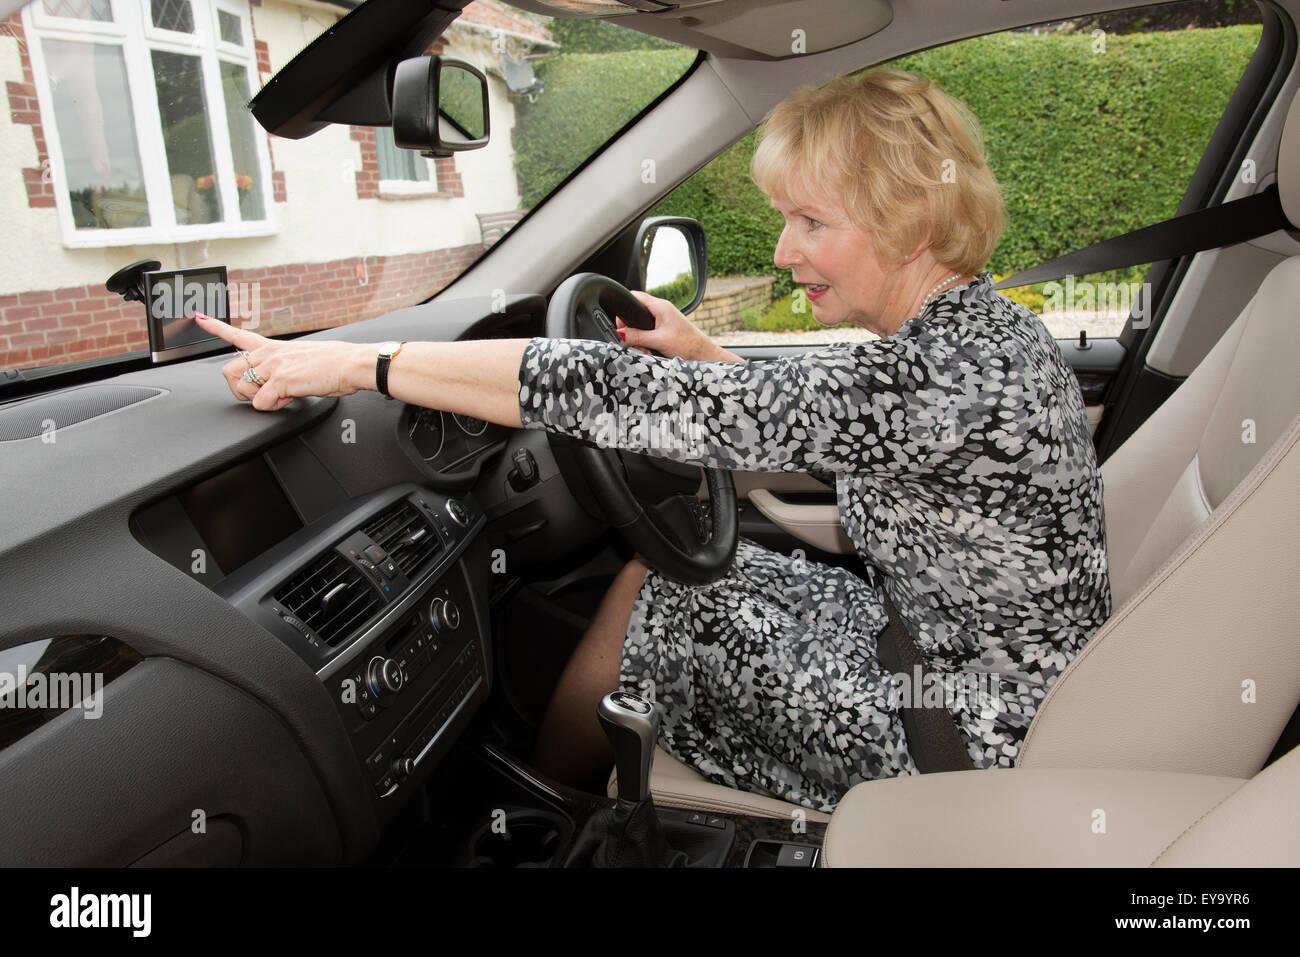 Elderly woman car driver adjusting satnav before commencing her journey - Stock Image